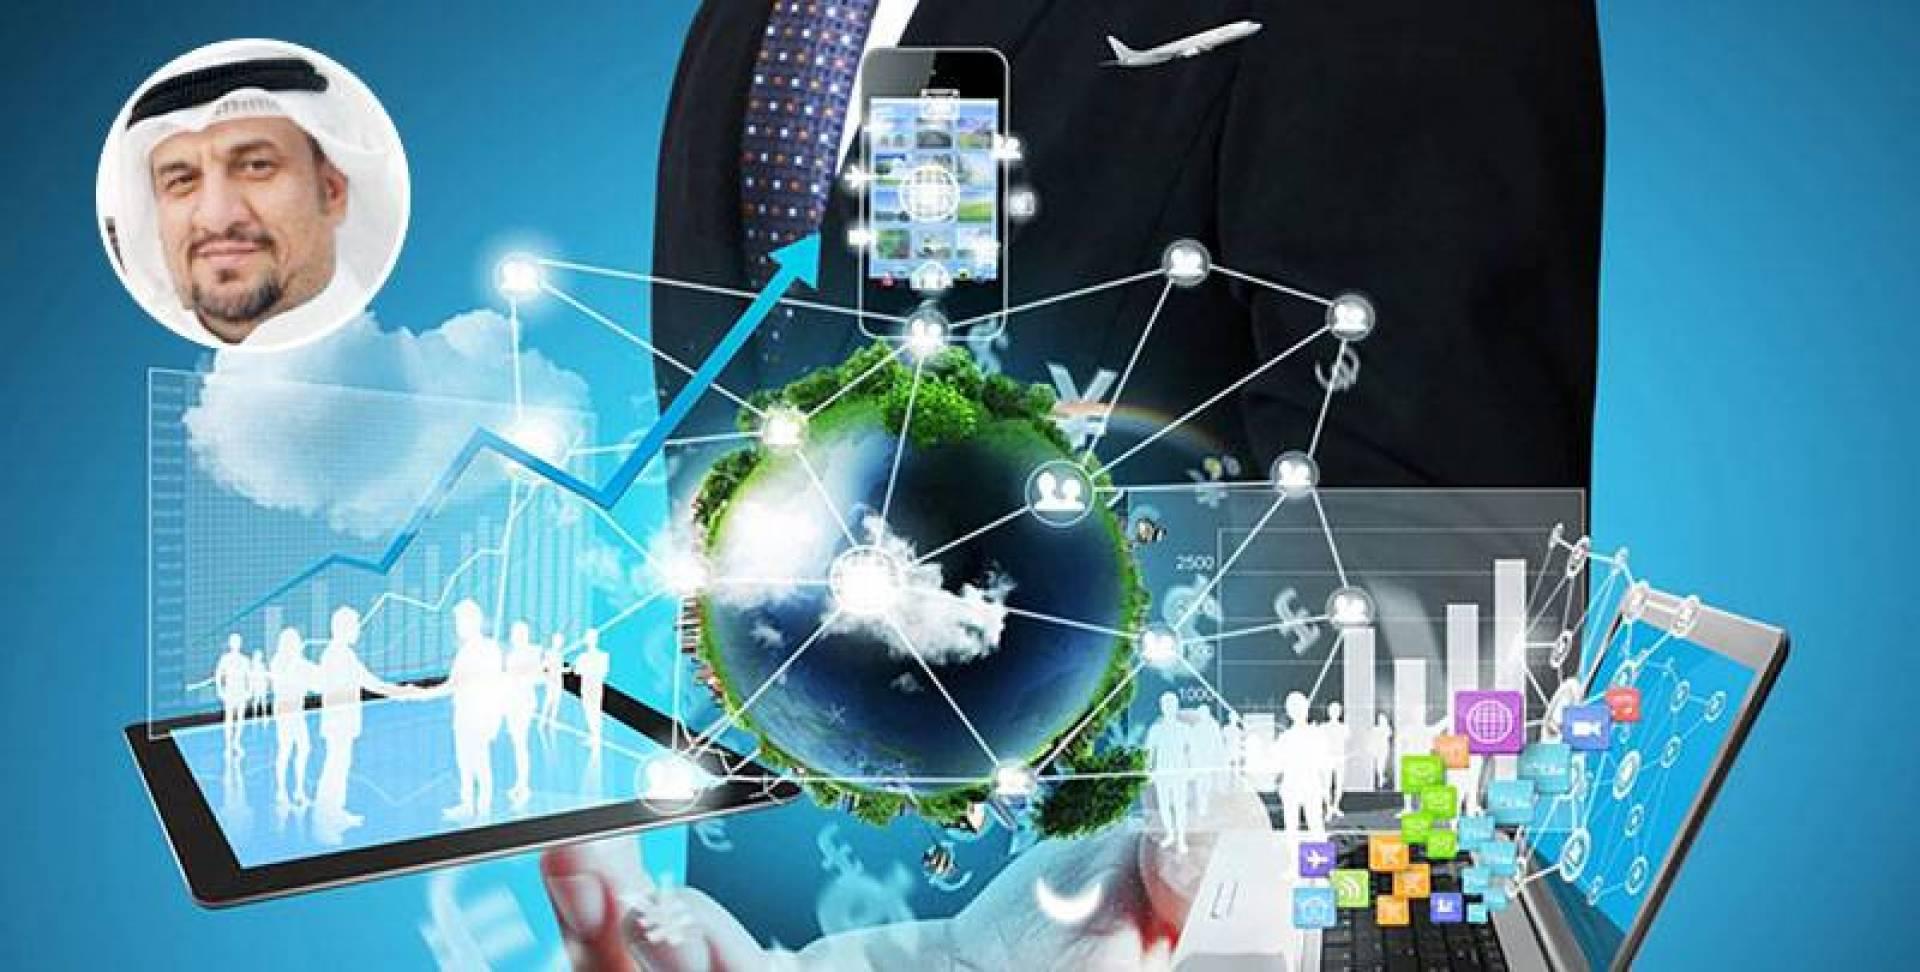 استعانة المؤسسات بالحلول المبتكرة لتوفير نظم محاسبية إلكترونية توفر الكثير من الأعمال التي يقوم بها الموظفون